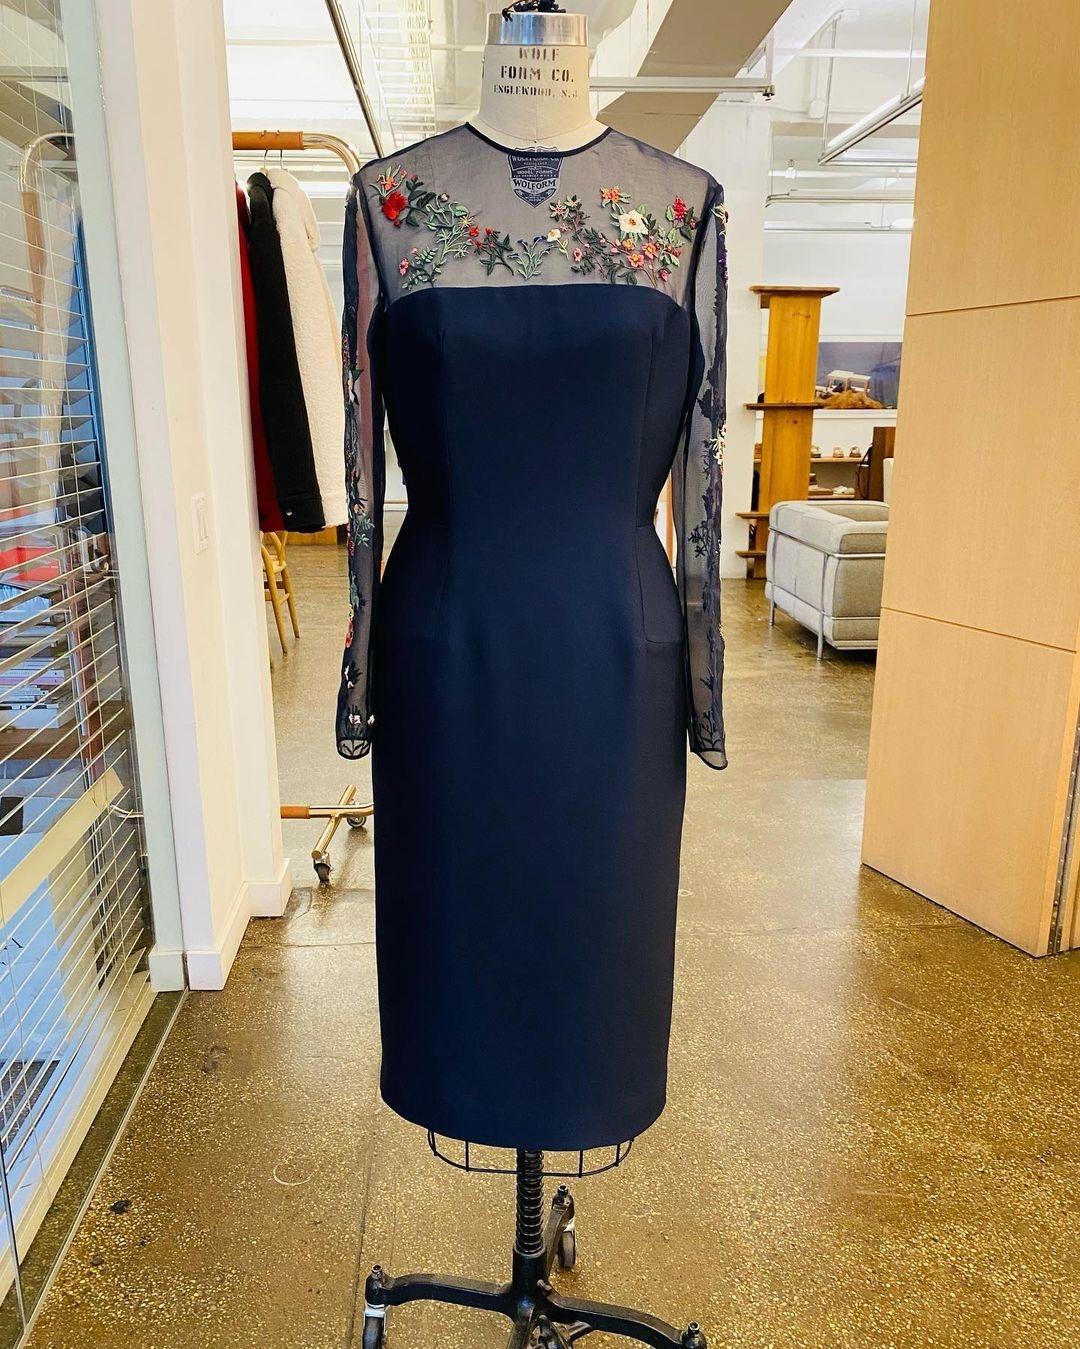 Джилл Байден вышла в свет в элегантном платье с прозрачными вставками (ФОТО) - фото №3